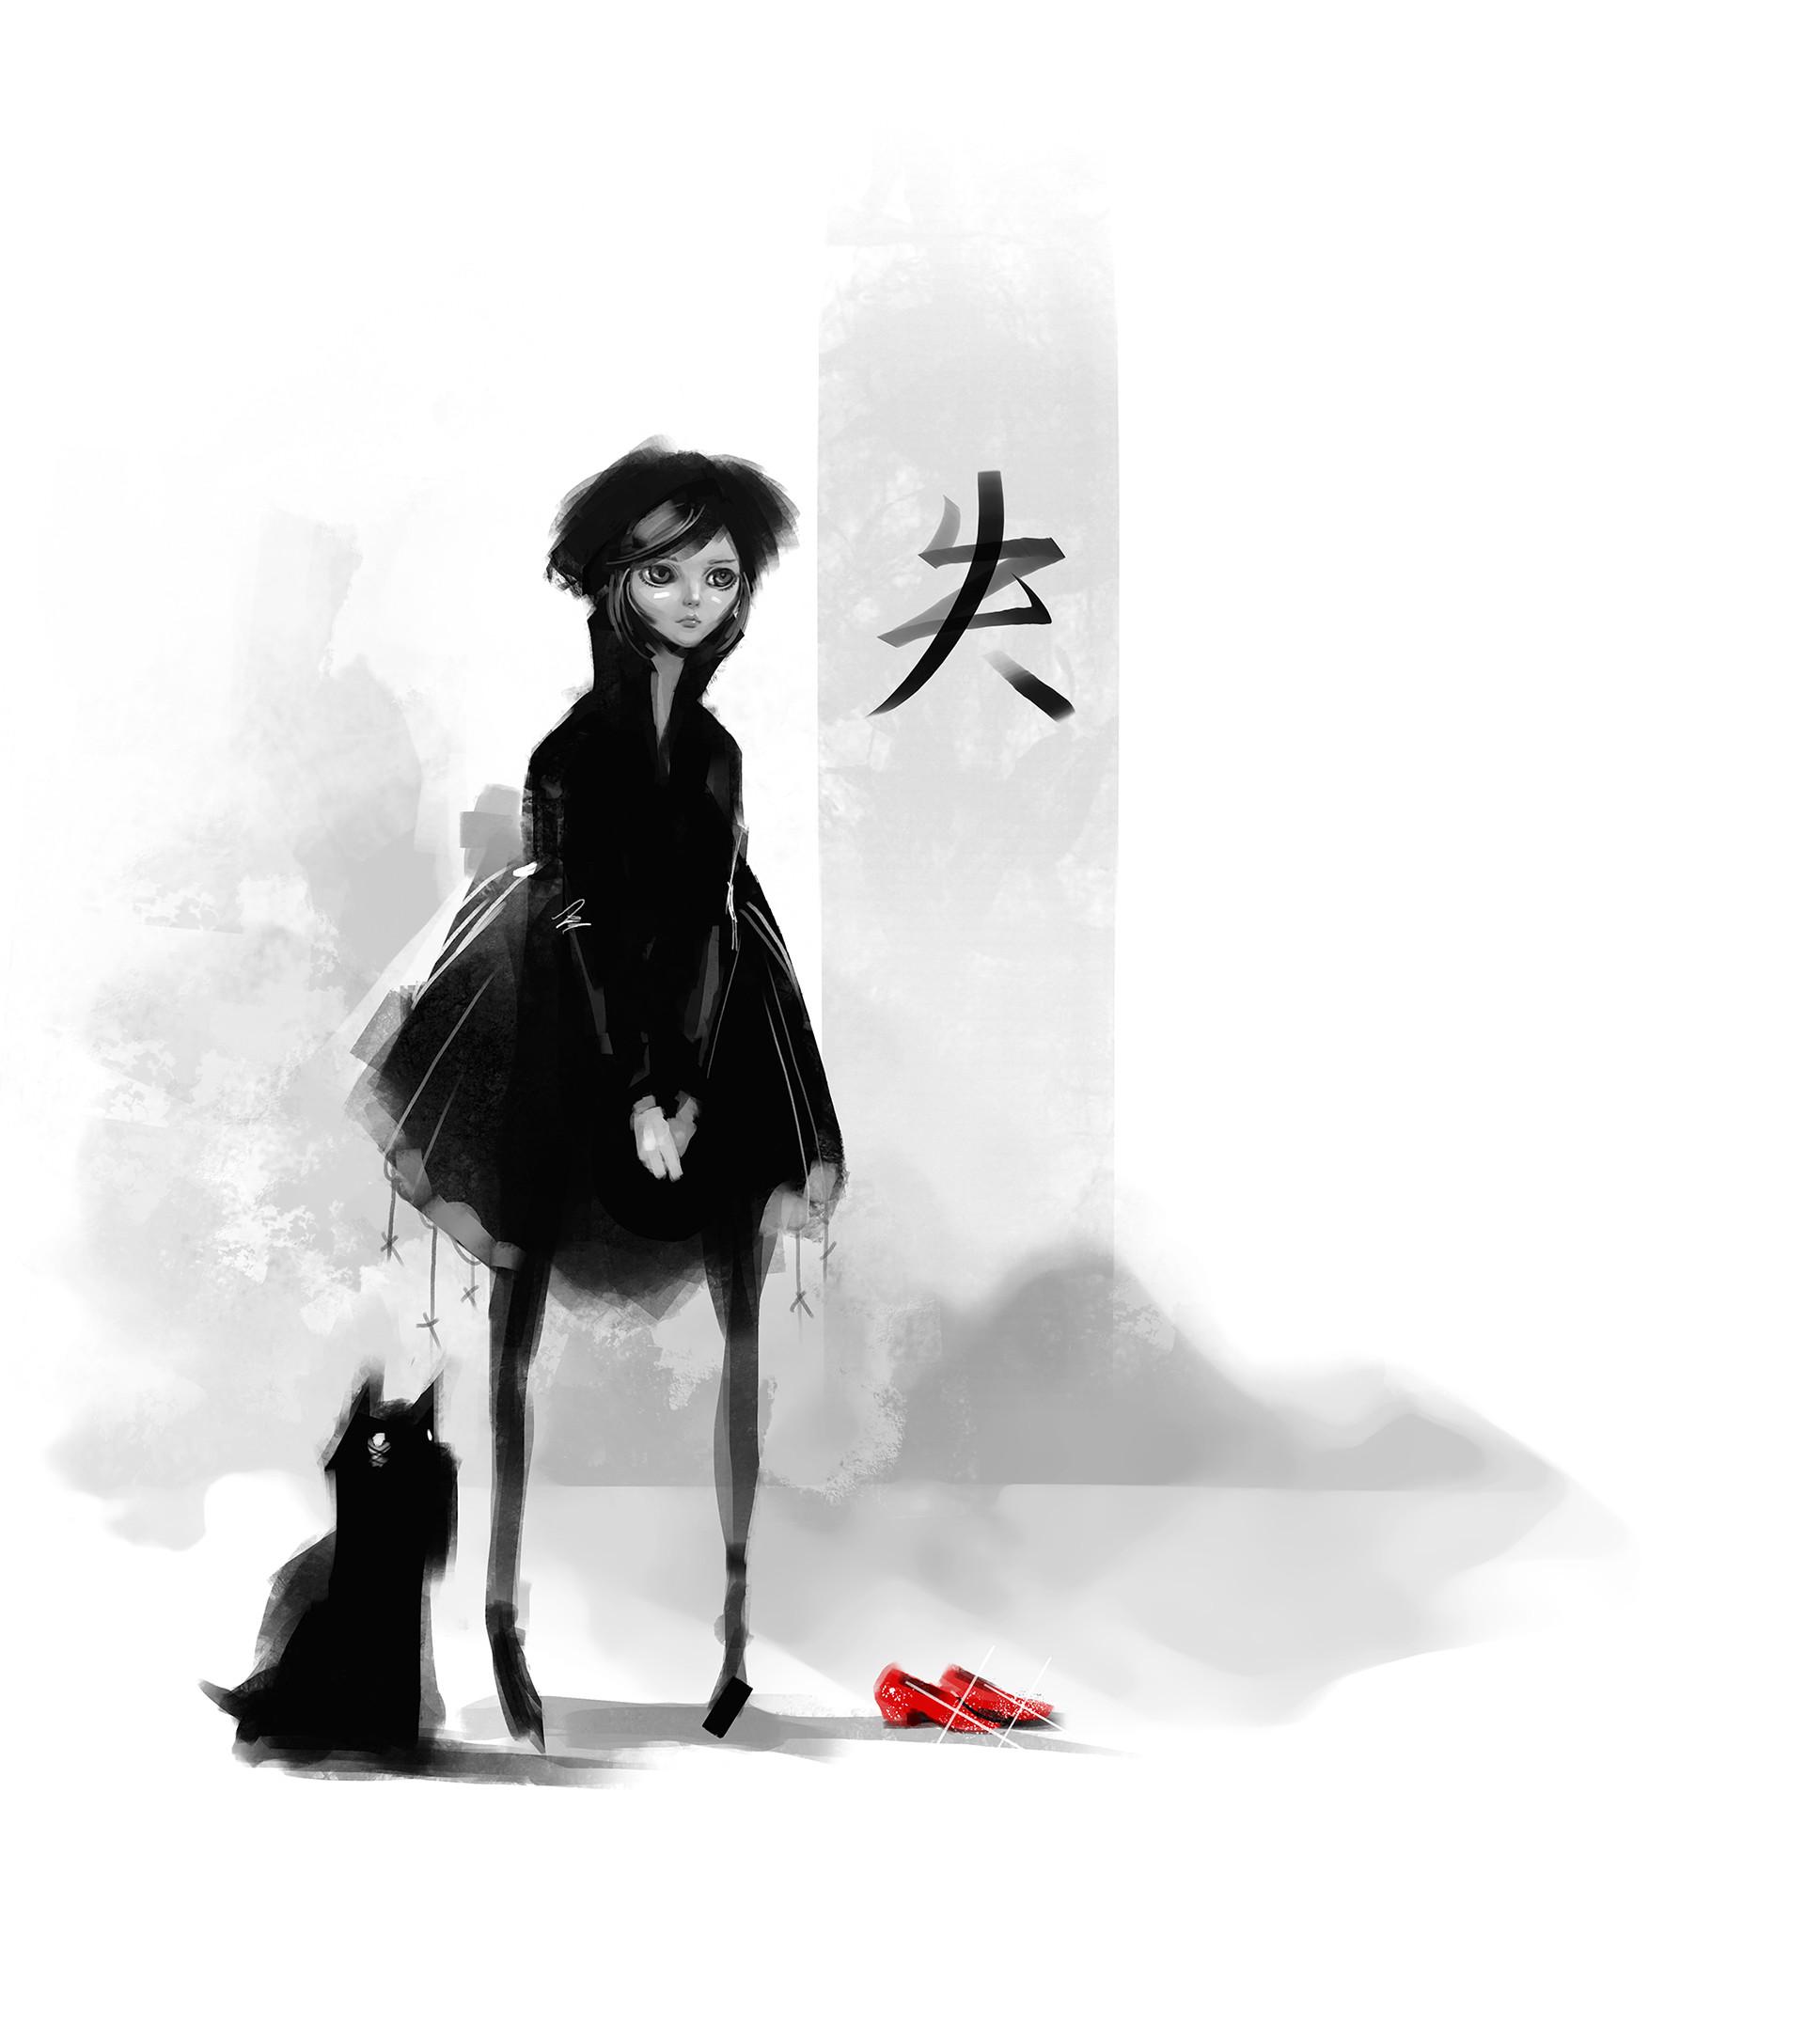 Rendy basuki doodle 12